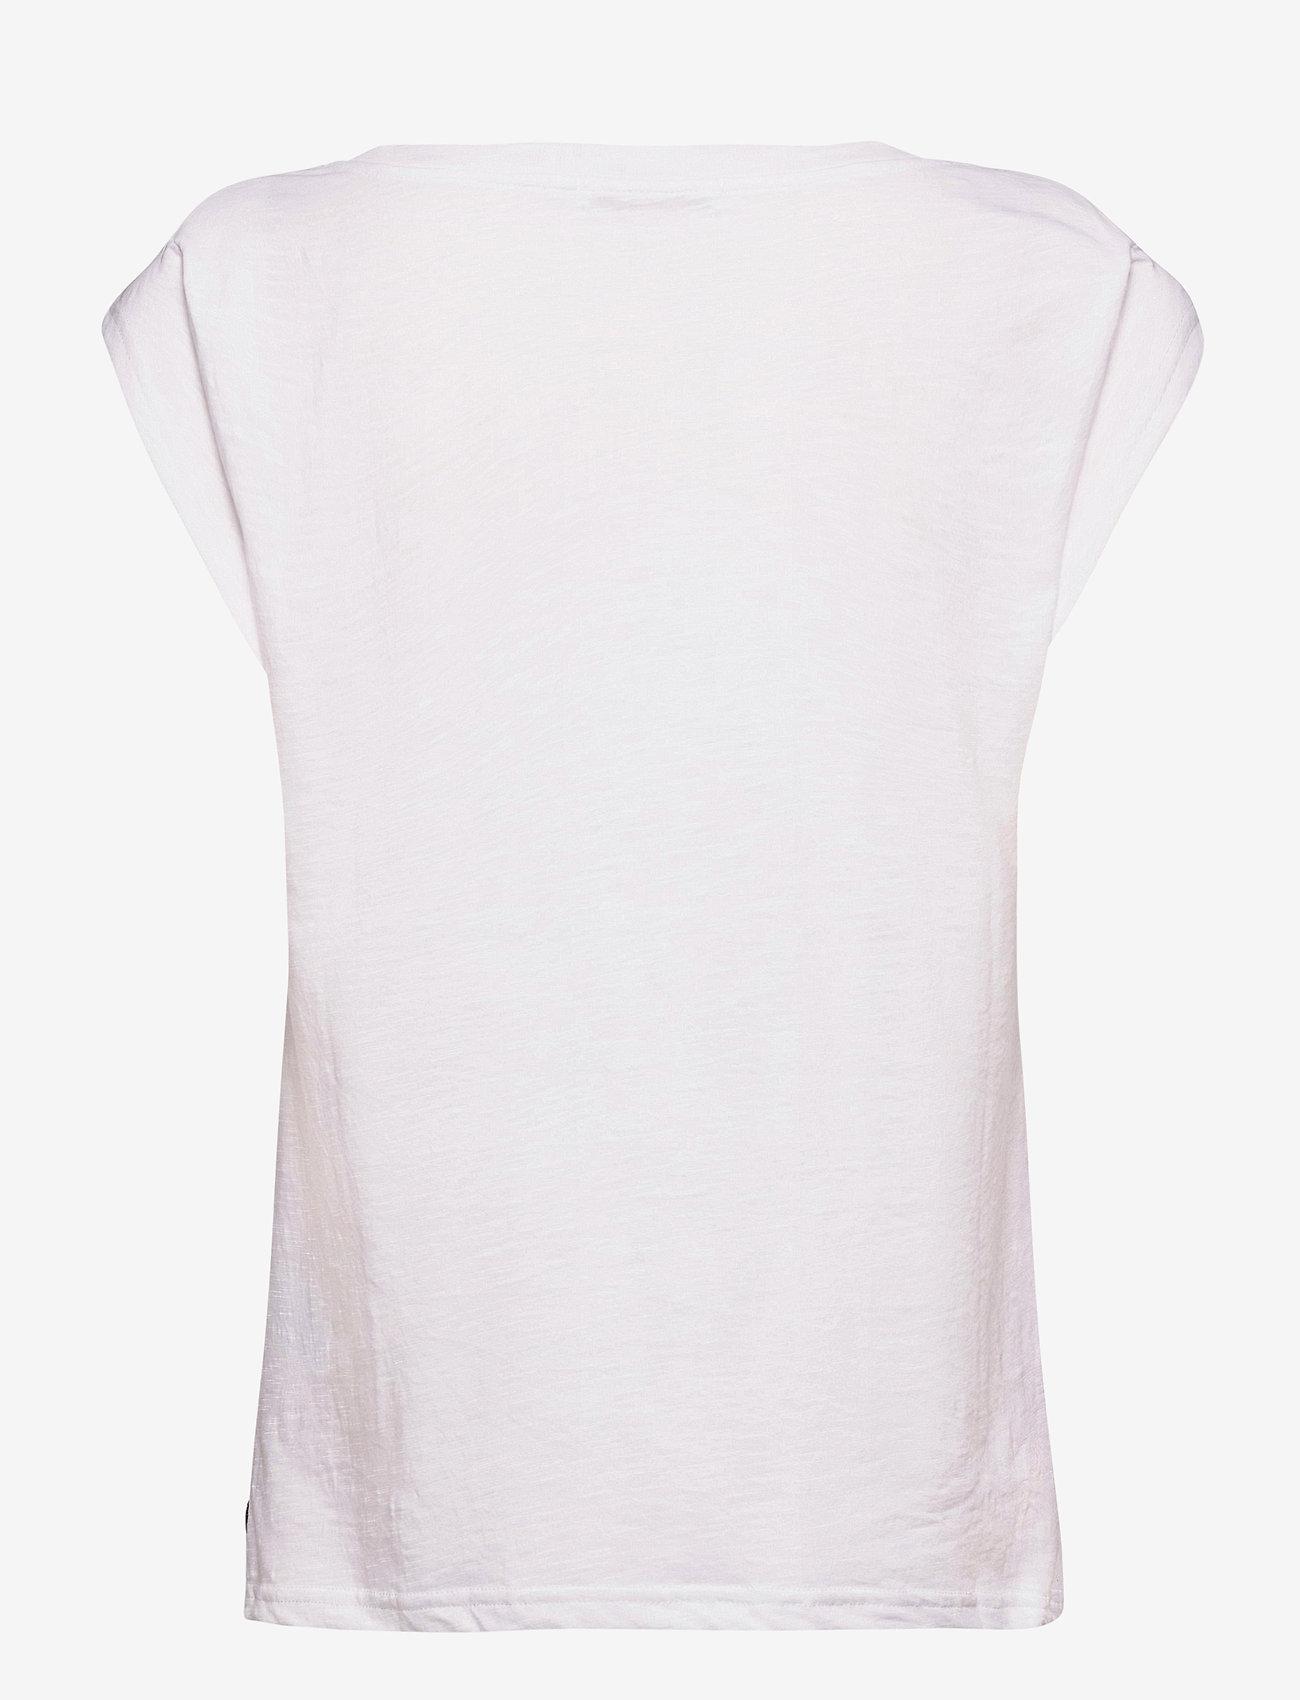 T-shirt W. Eagle Print (White) (39.95 €) - Coster Copenhagen jHtLh